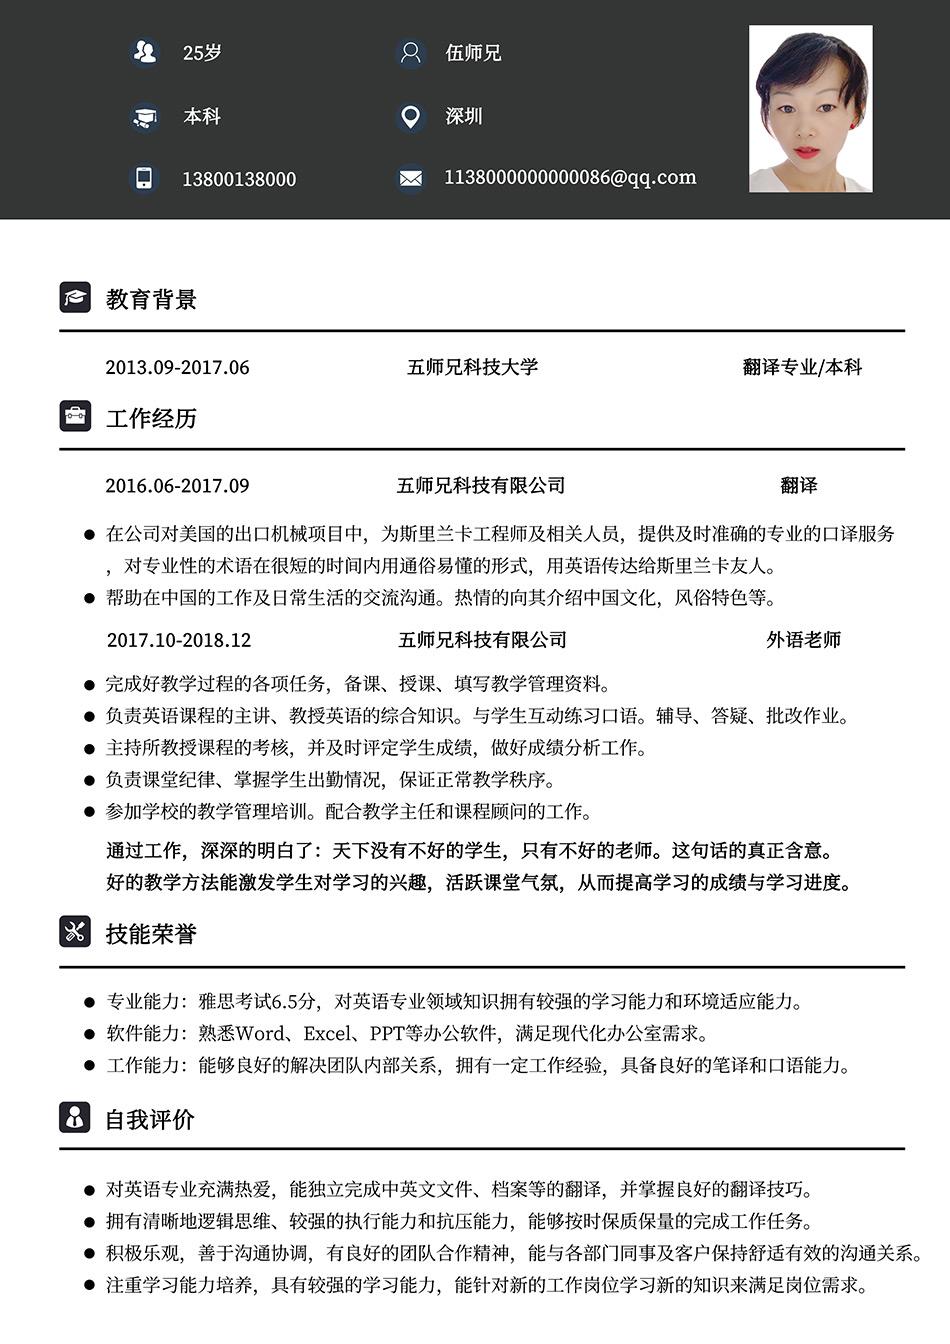 英语老师翻译找工作应聘求职个人简历模板电子版简历范文